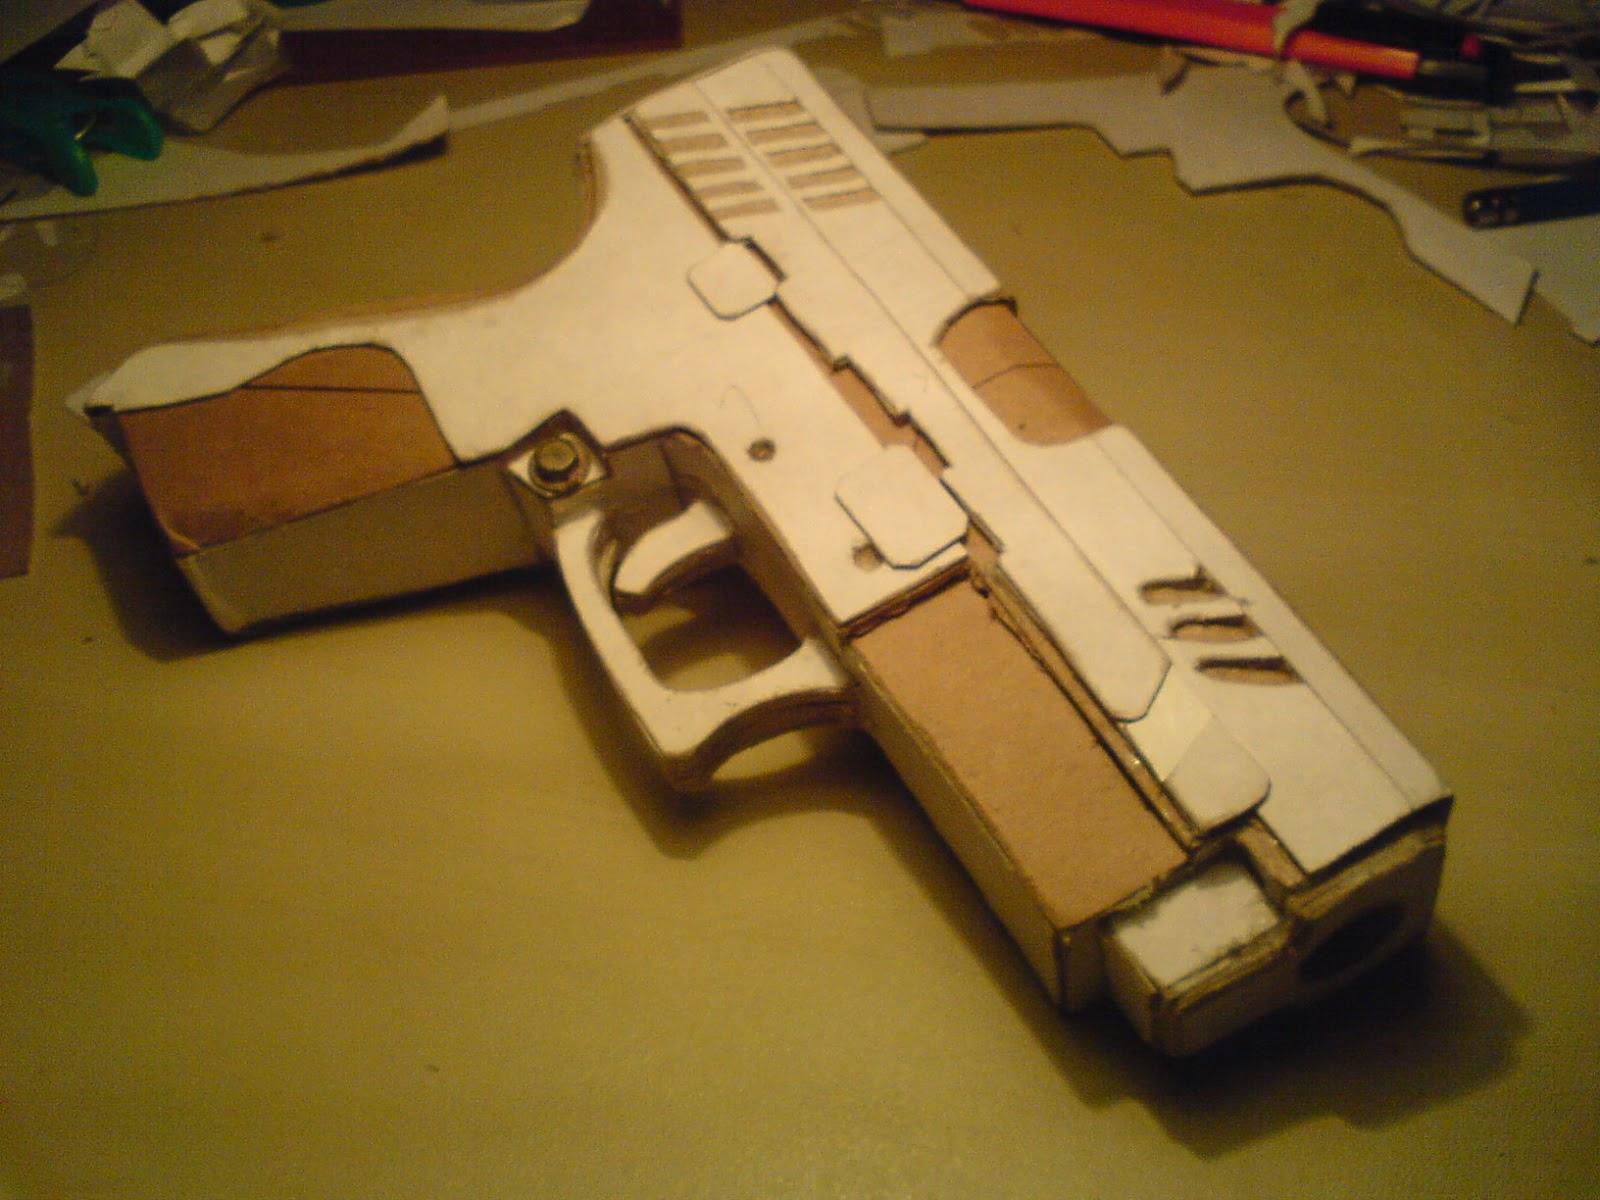 Pistola Blacktail - Resident Evil DSC04436